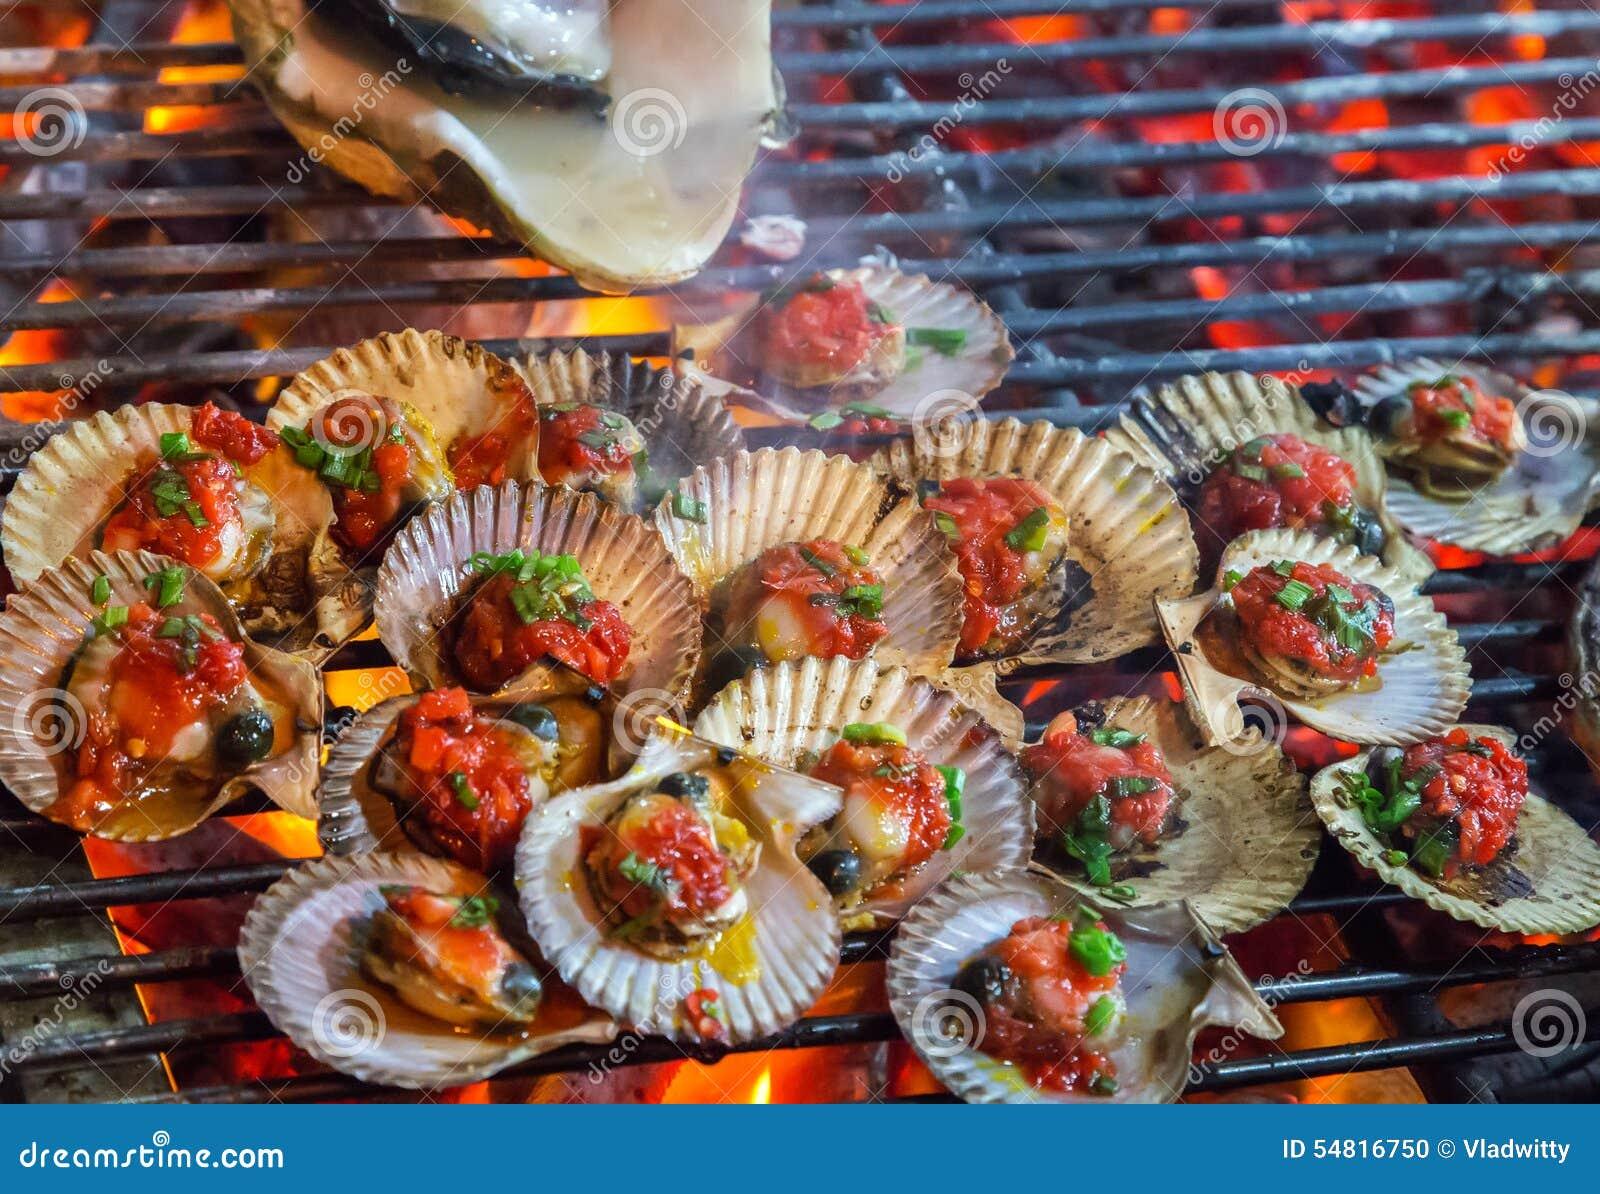 zeevruchten van barbecue de grill gekookte greenshell. Black Bedroom Furniture Sets. Home Design Ideas